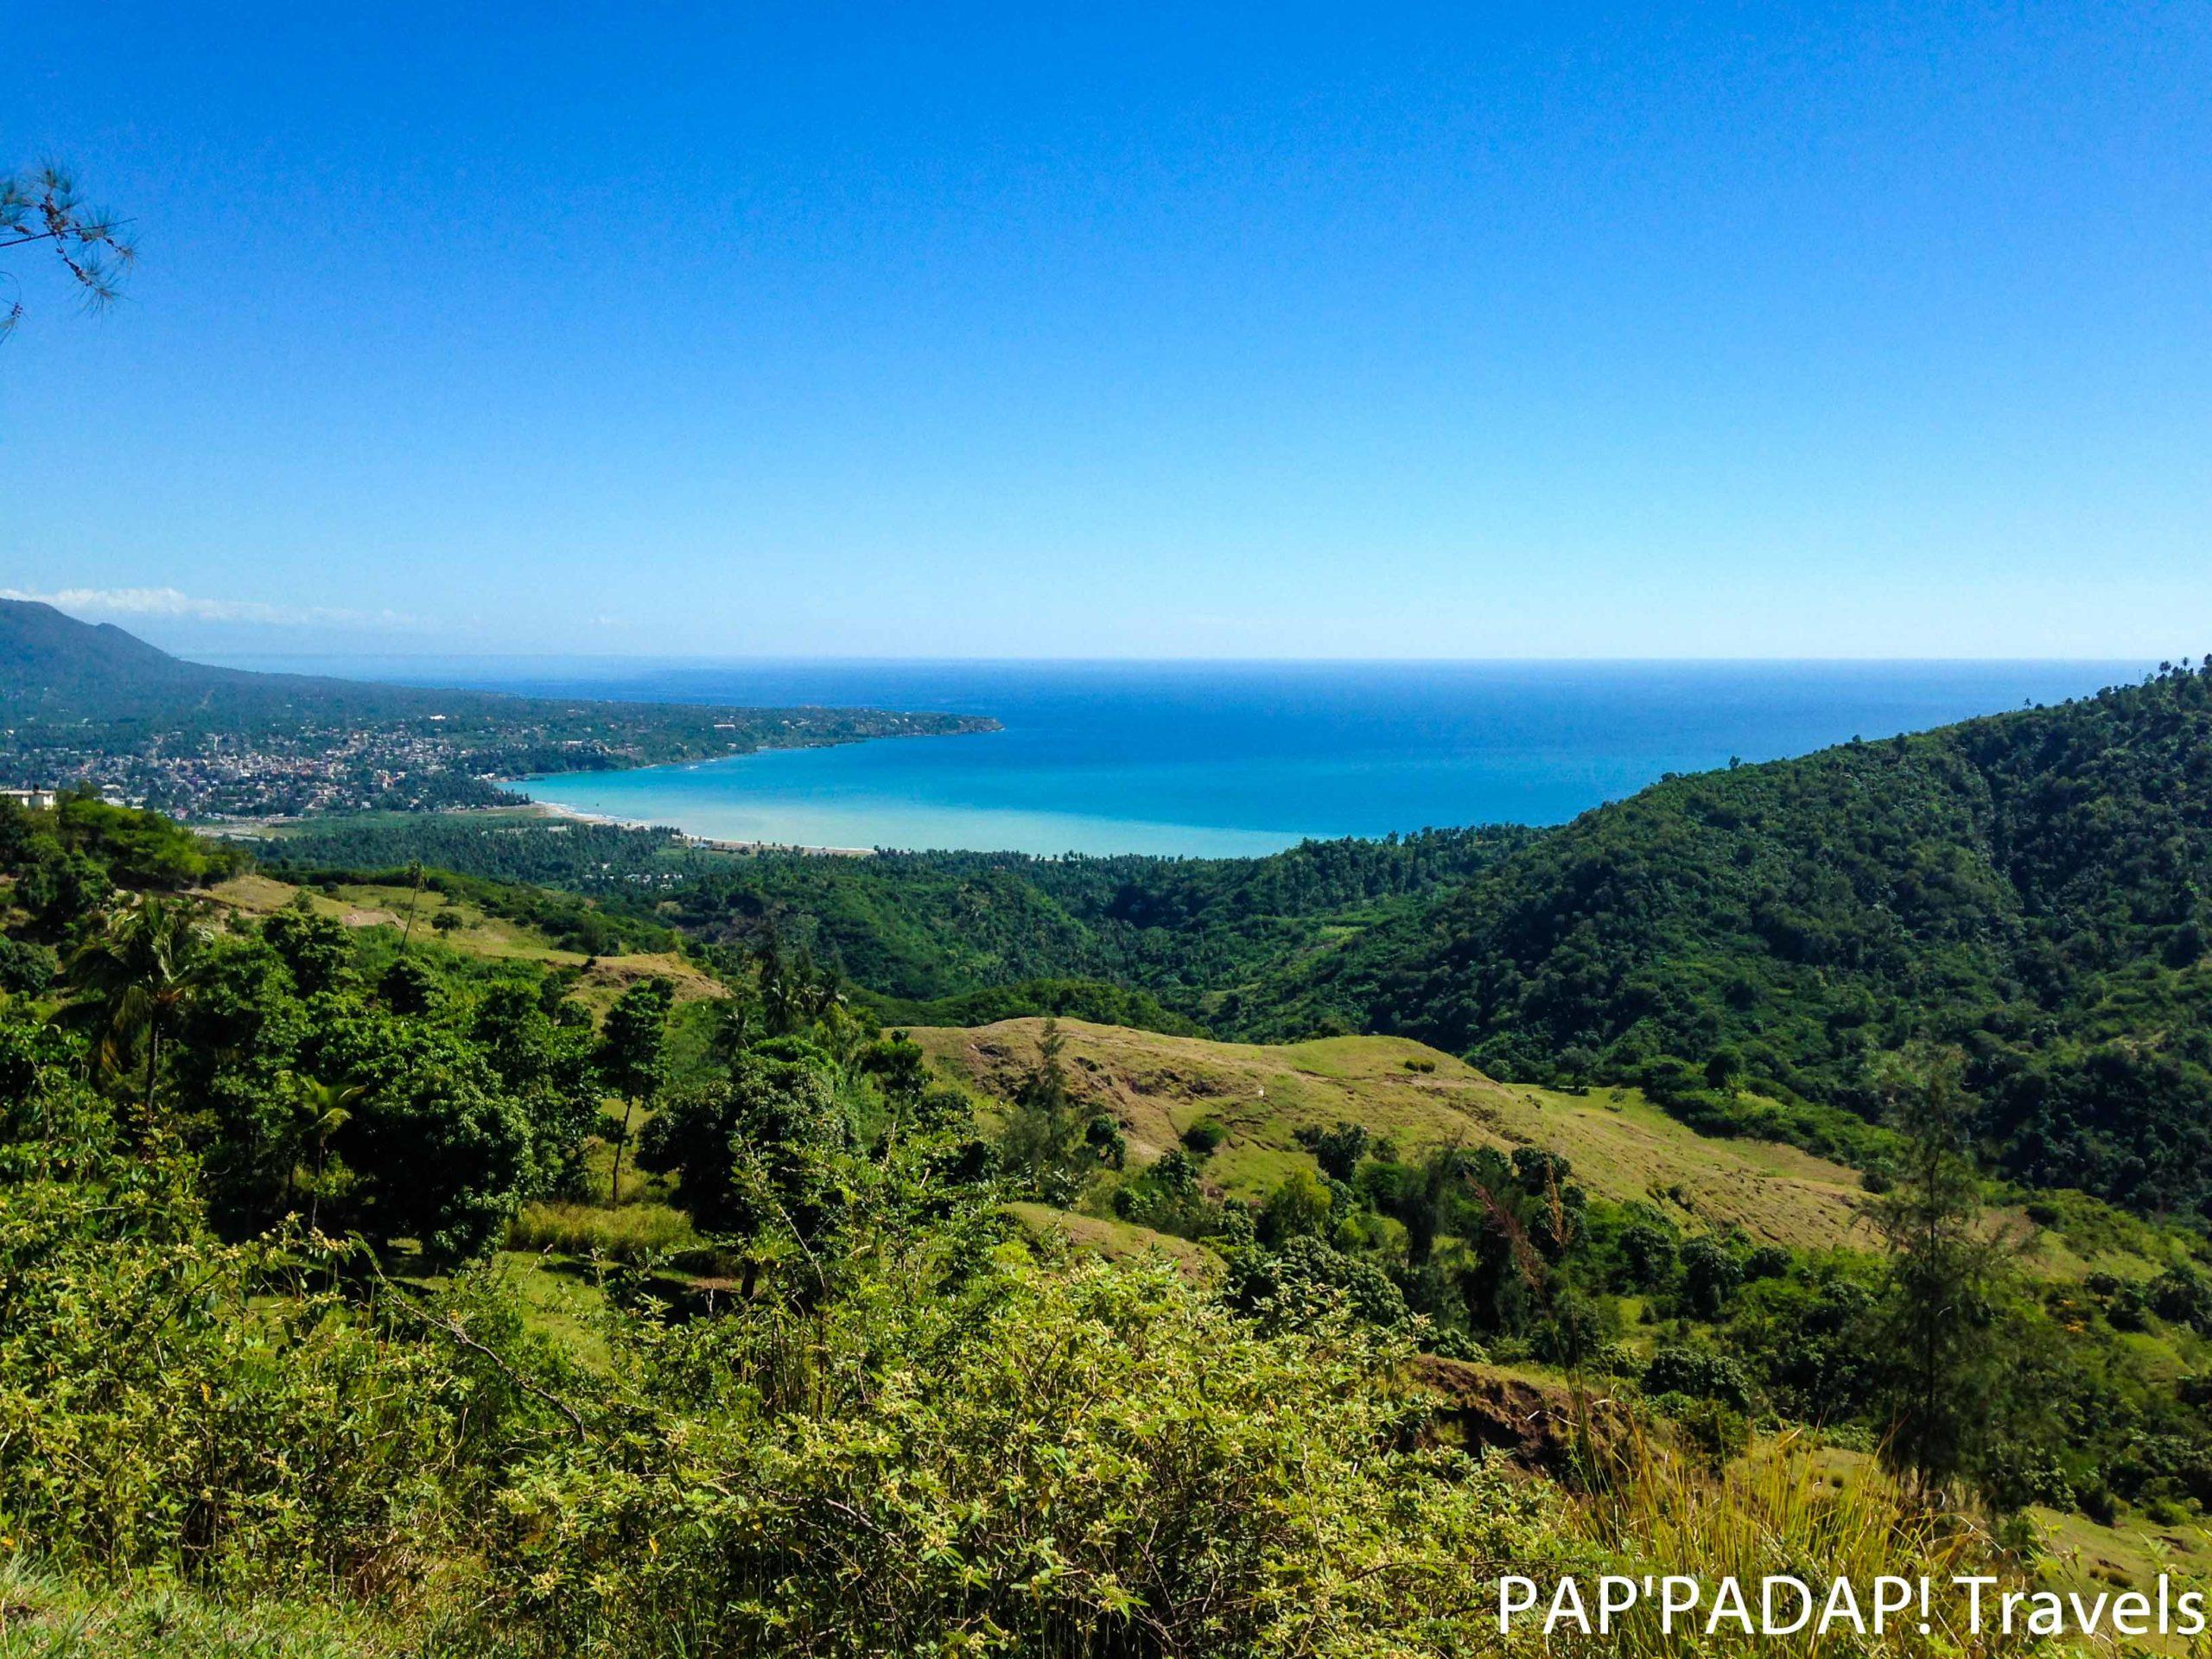 Baie de Jacmel - Vue de Haut - Sud Est Haiti - PAP_PADAP! Travels